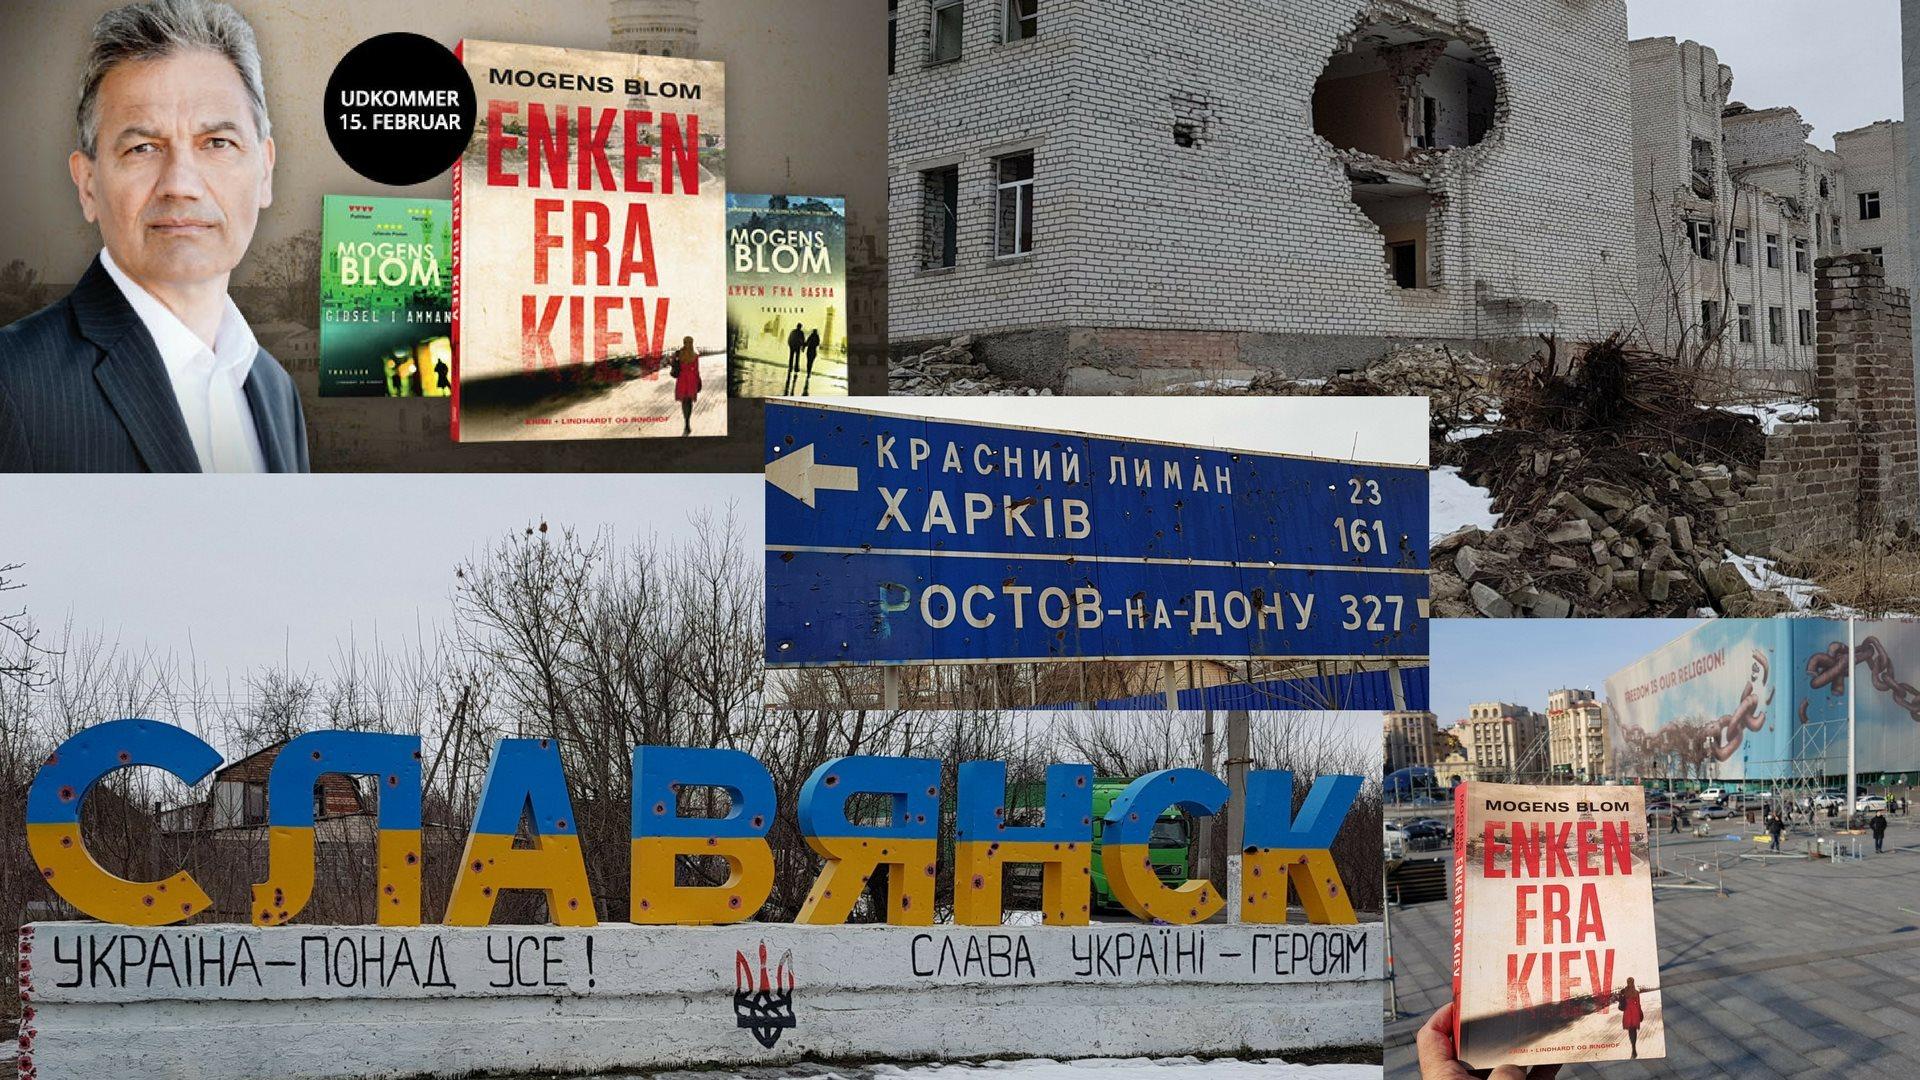 Enken fra Kiev